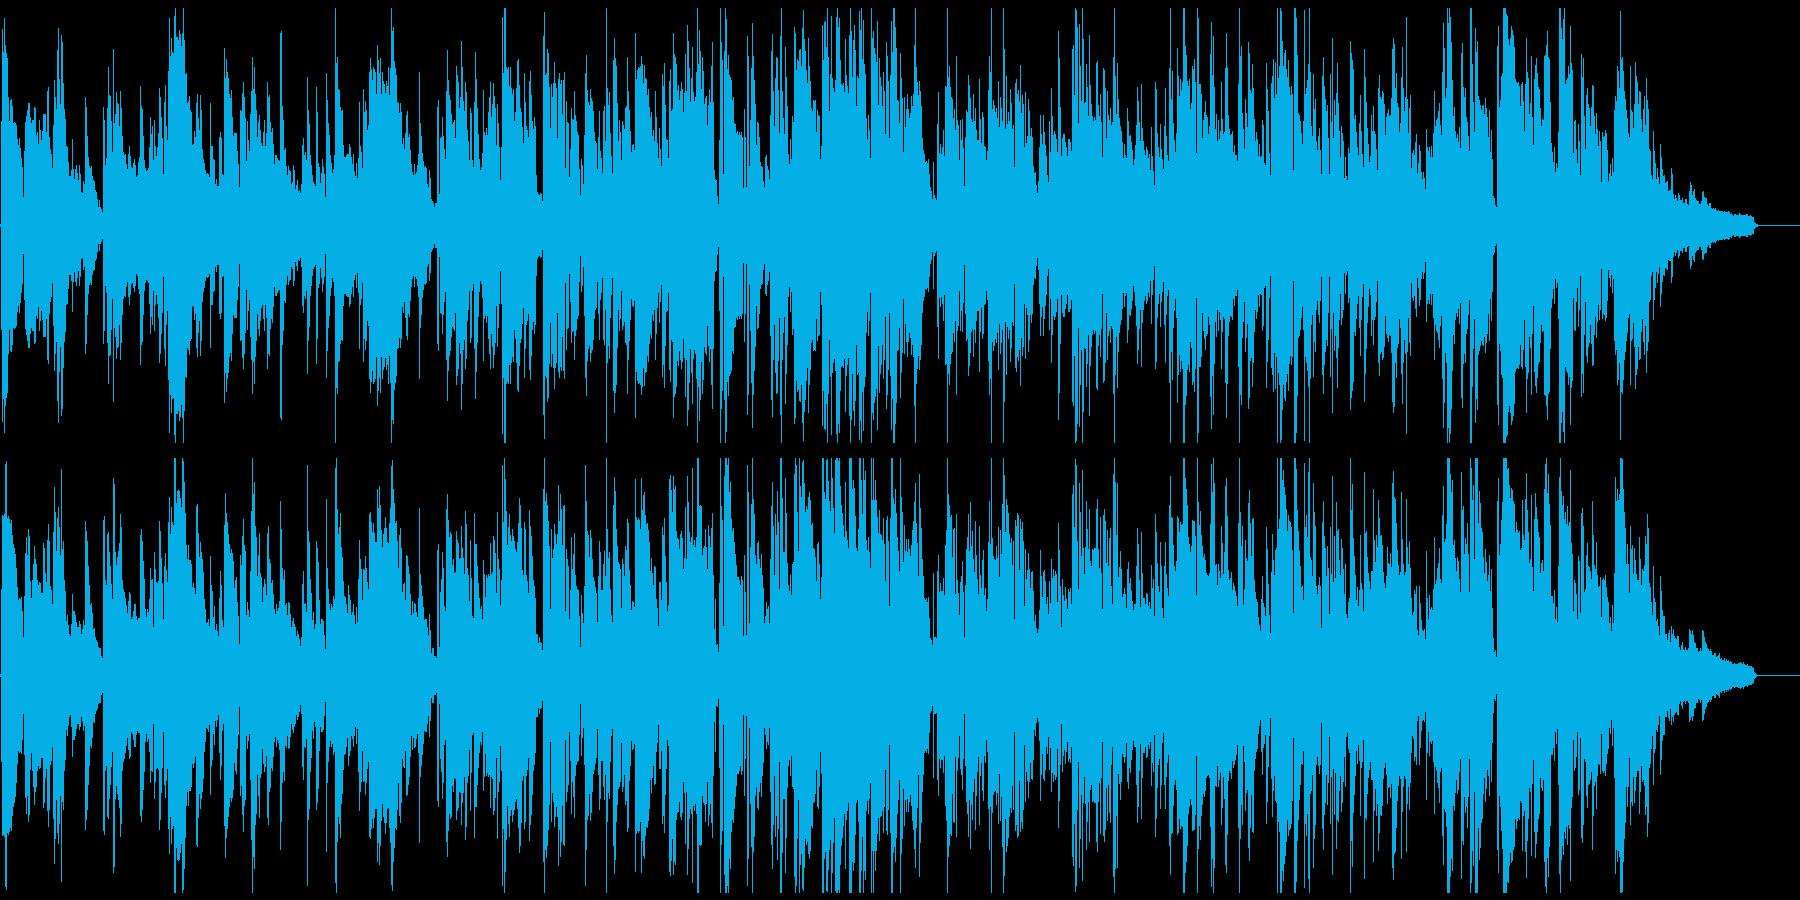 まったりとくつろいだ雰囲気の大人バラードの再生済みの波形